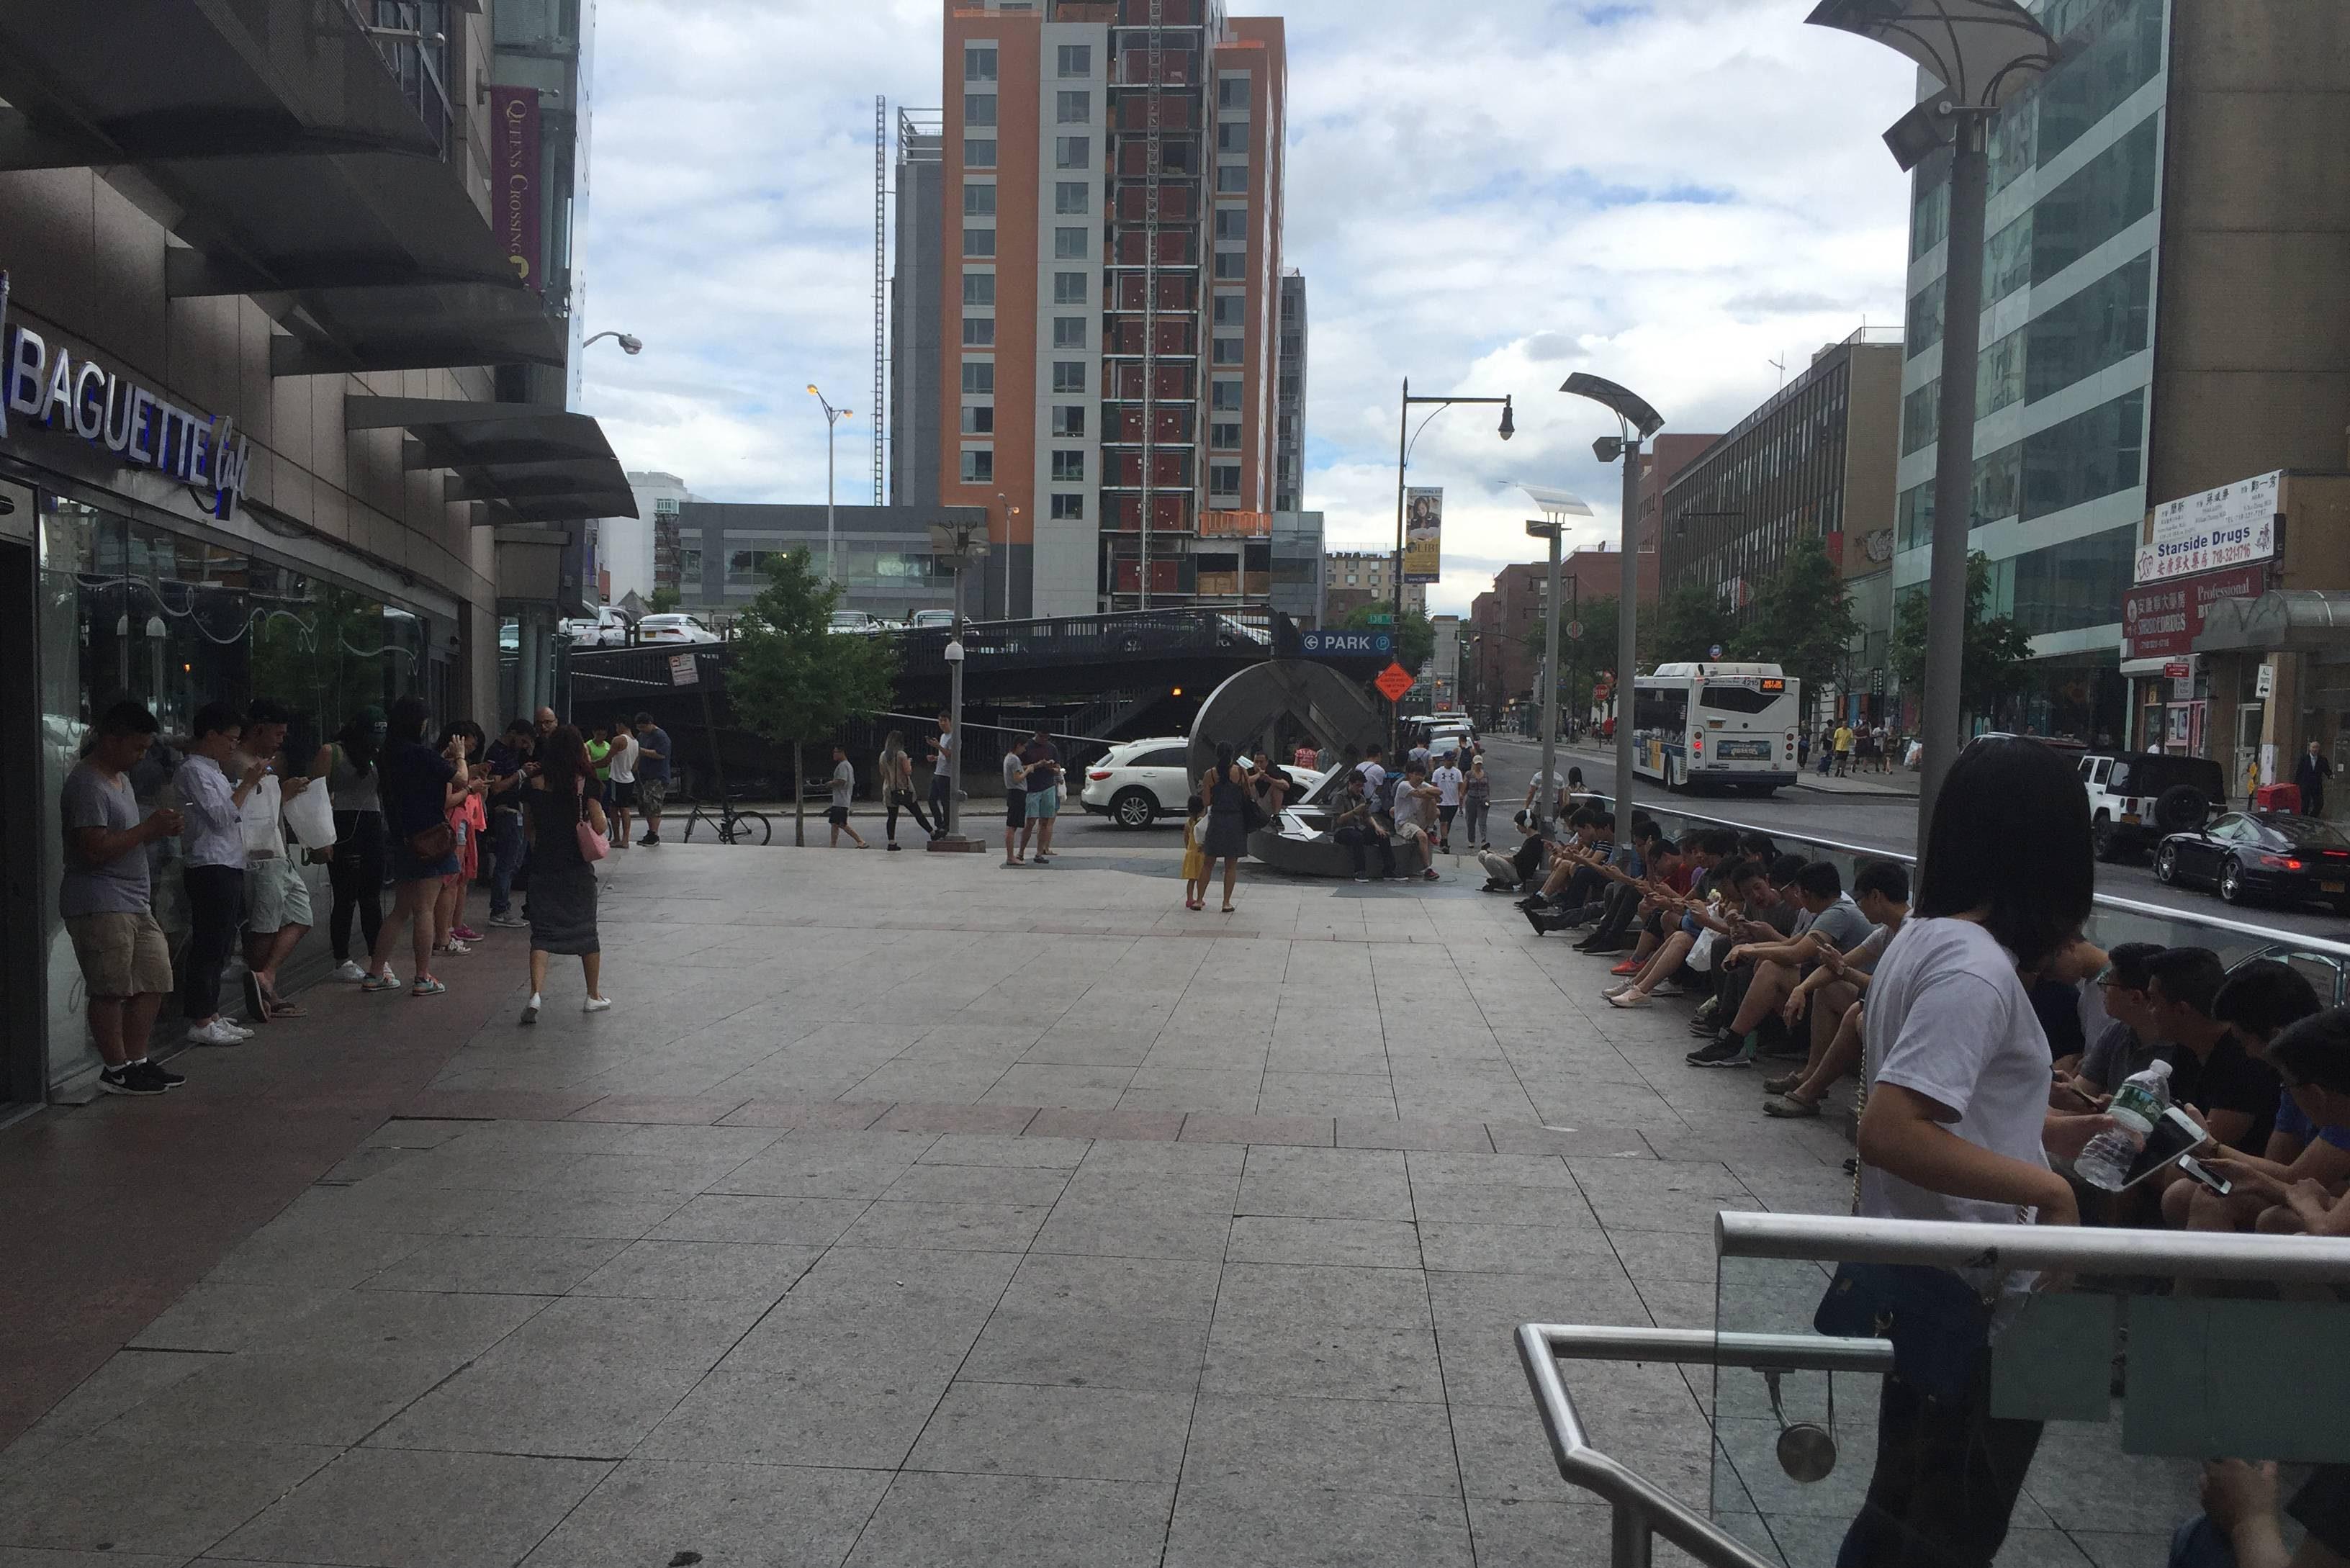 Flushing, New York Image via Reddit